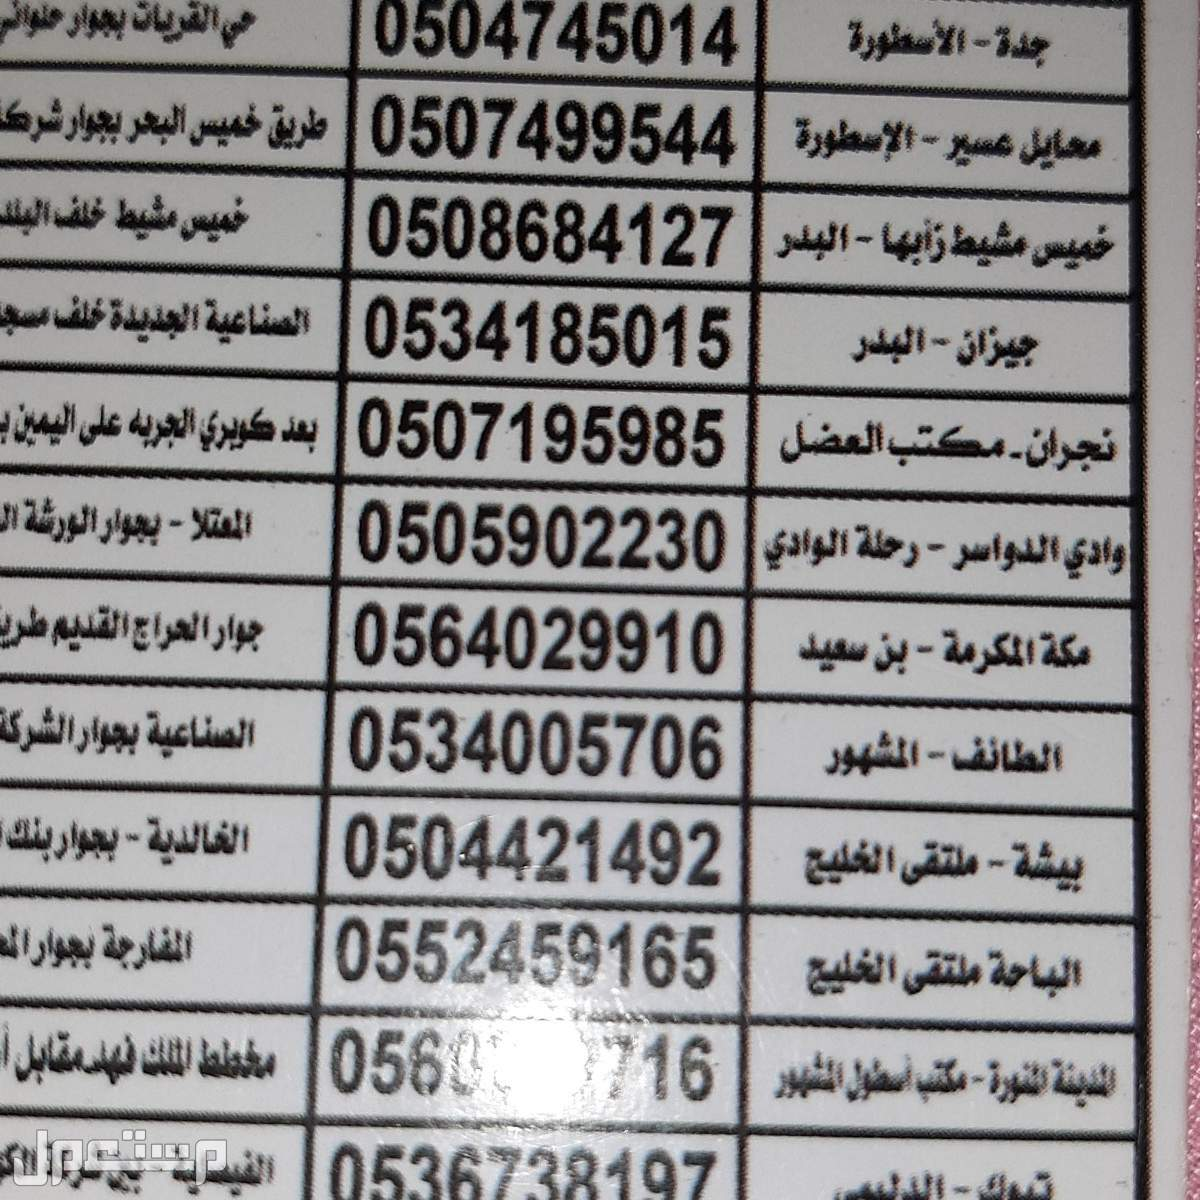 عسل للتسمين وزياده الوزن التوصيل داخل الرياض